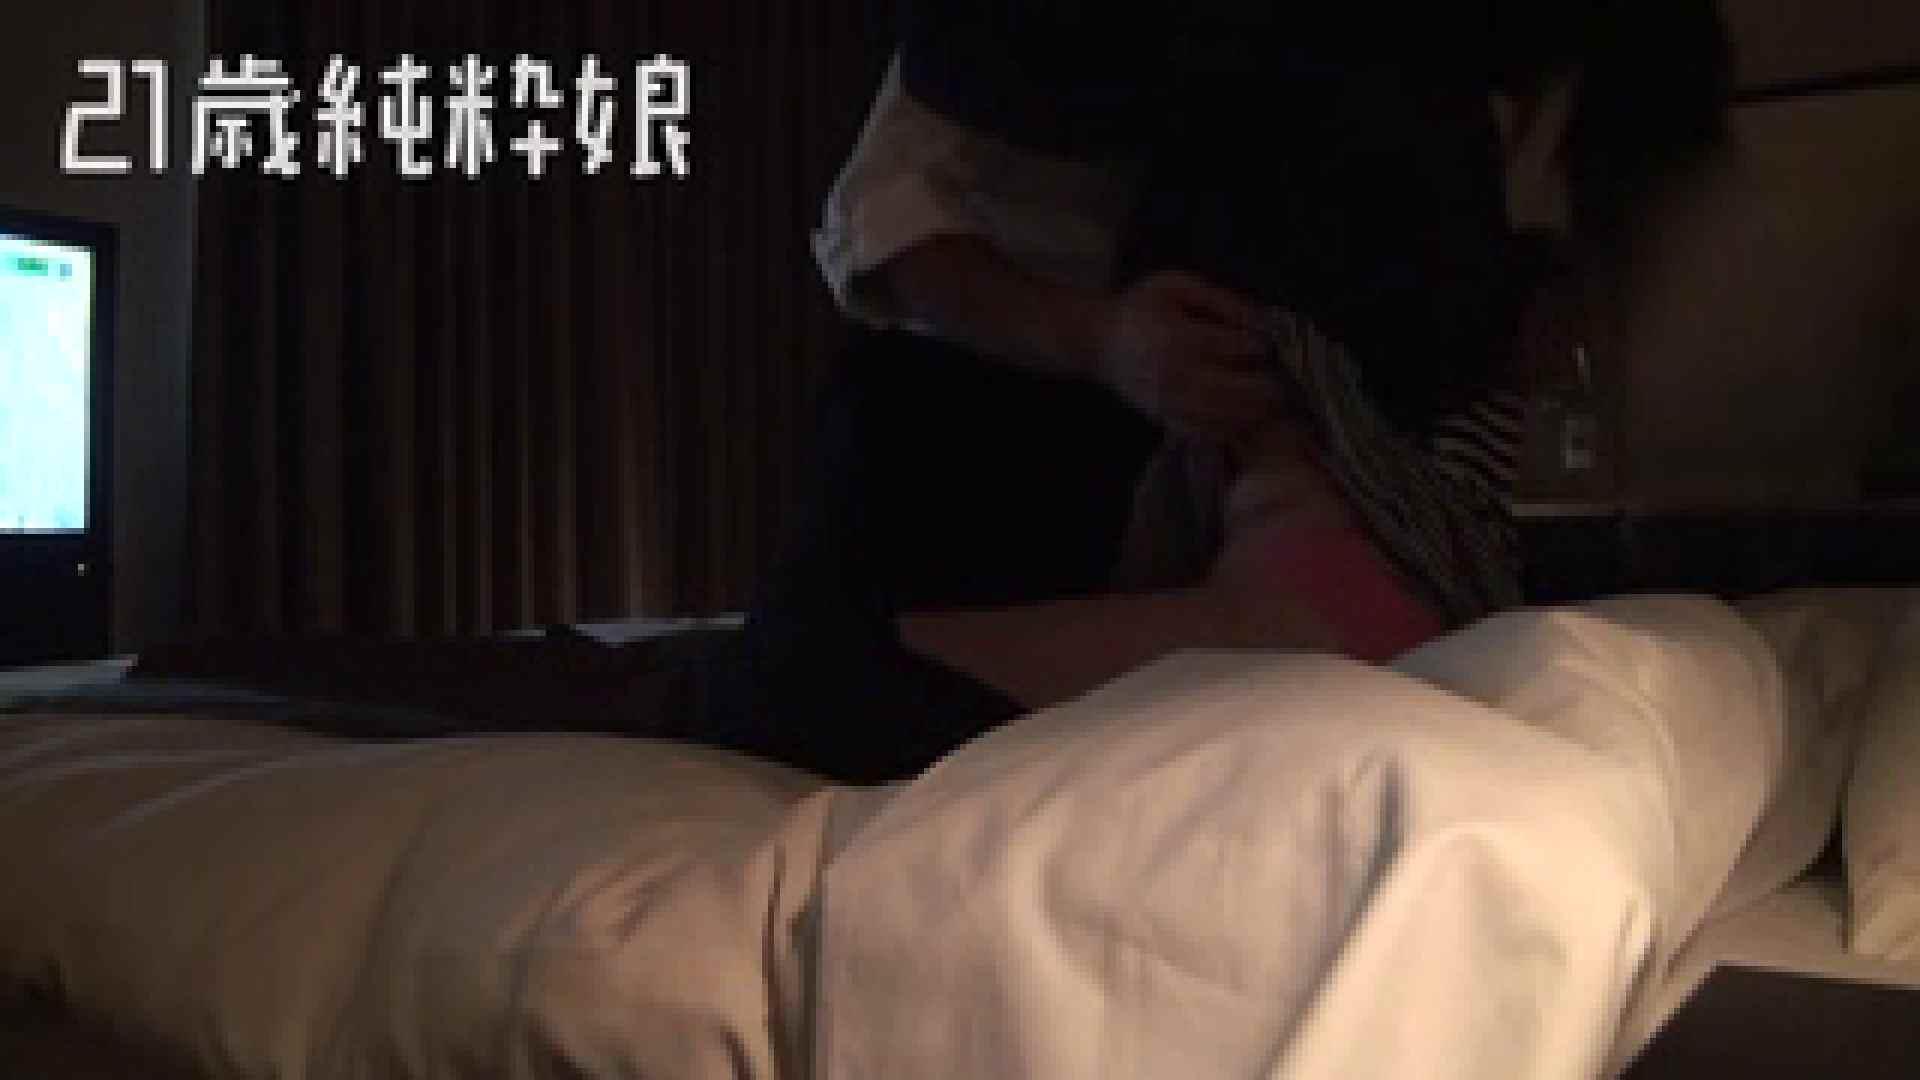 上京したばかりのGカップ21歳純粋嬢を都合の良い女にしてみた4 ホテル  75連発 12